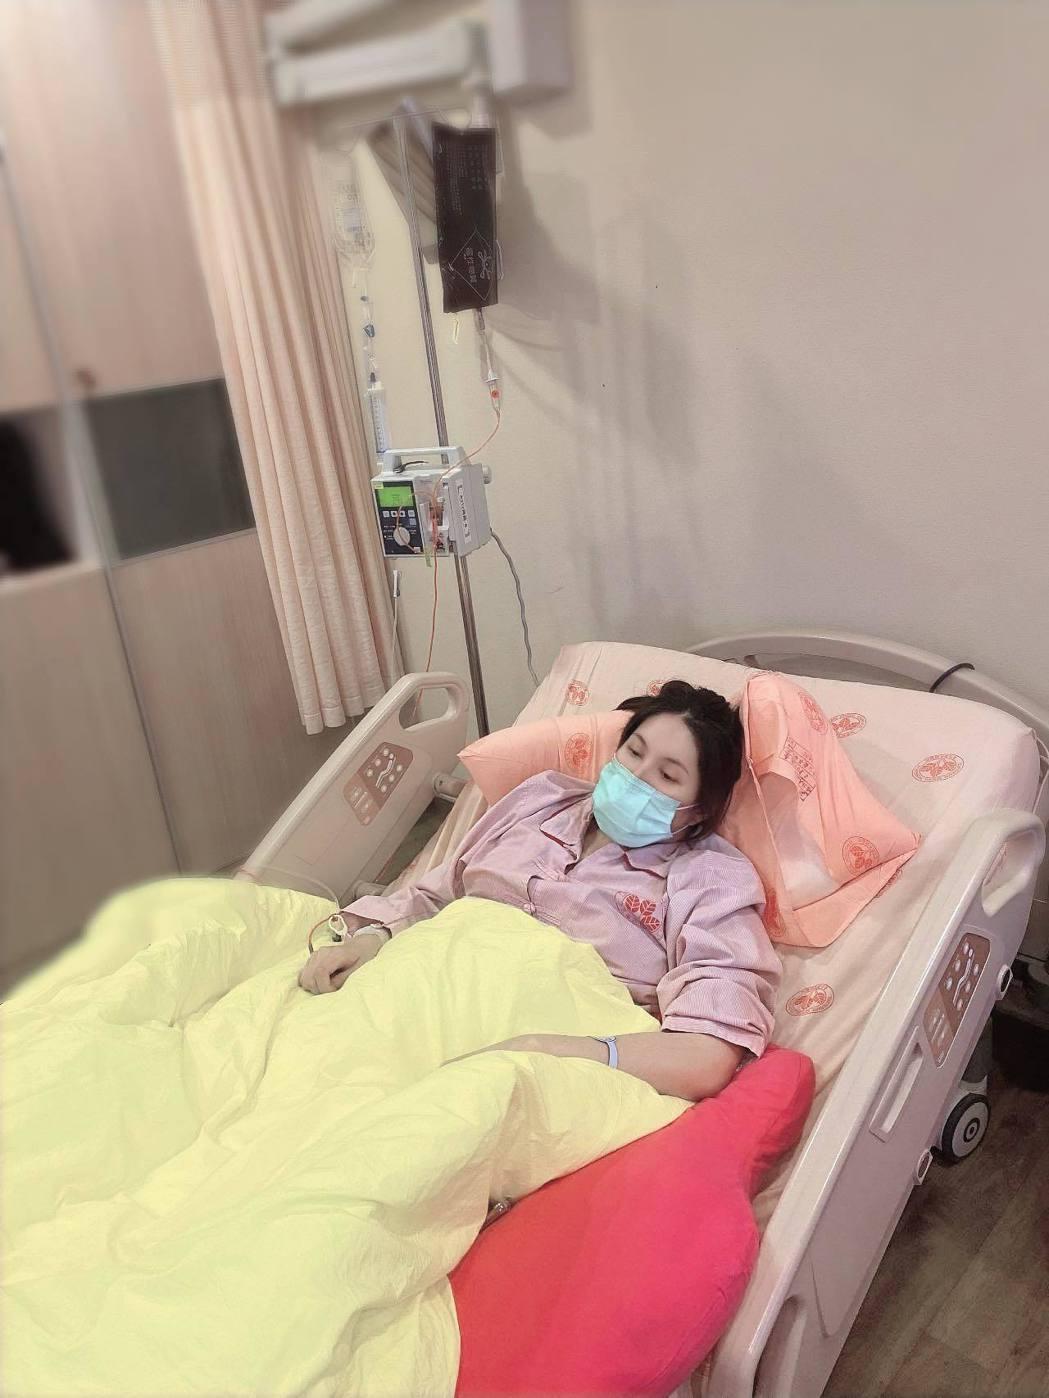 余苑綺已入院開始接受化療。 圖/擷自余苑綺臉書